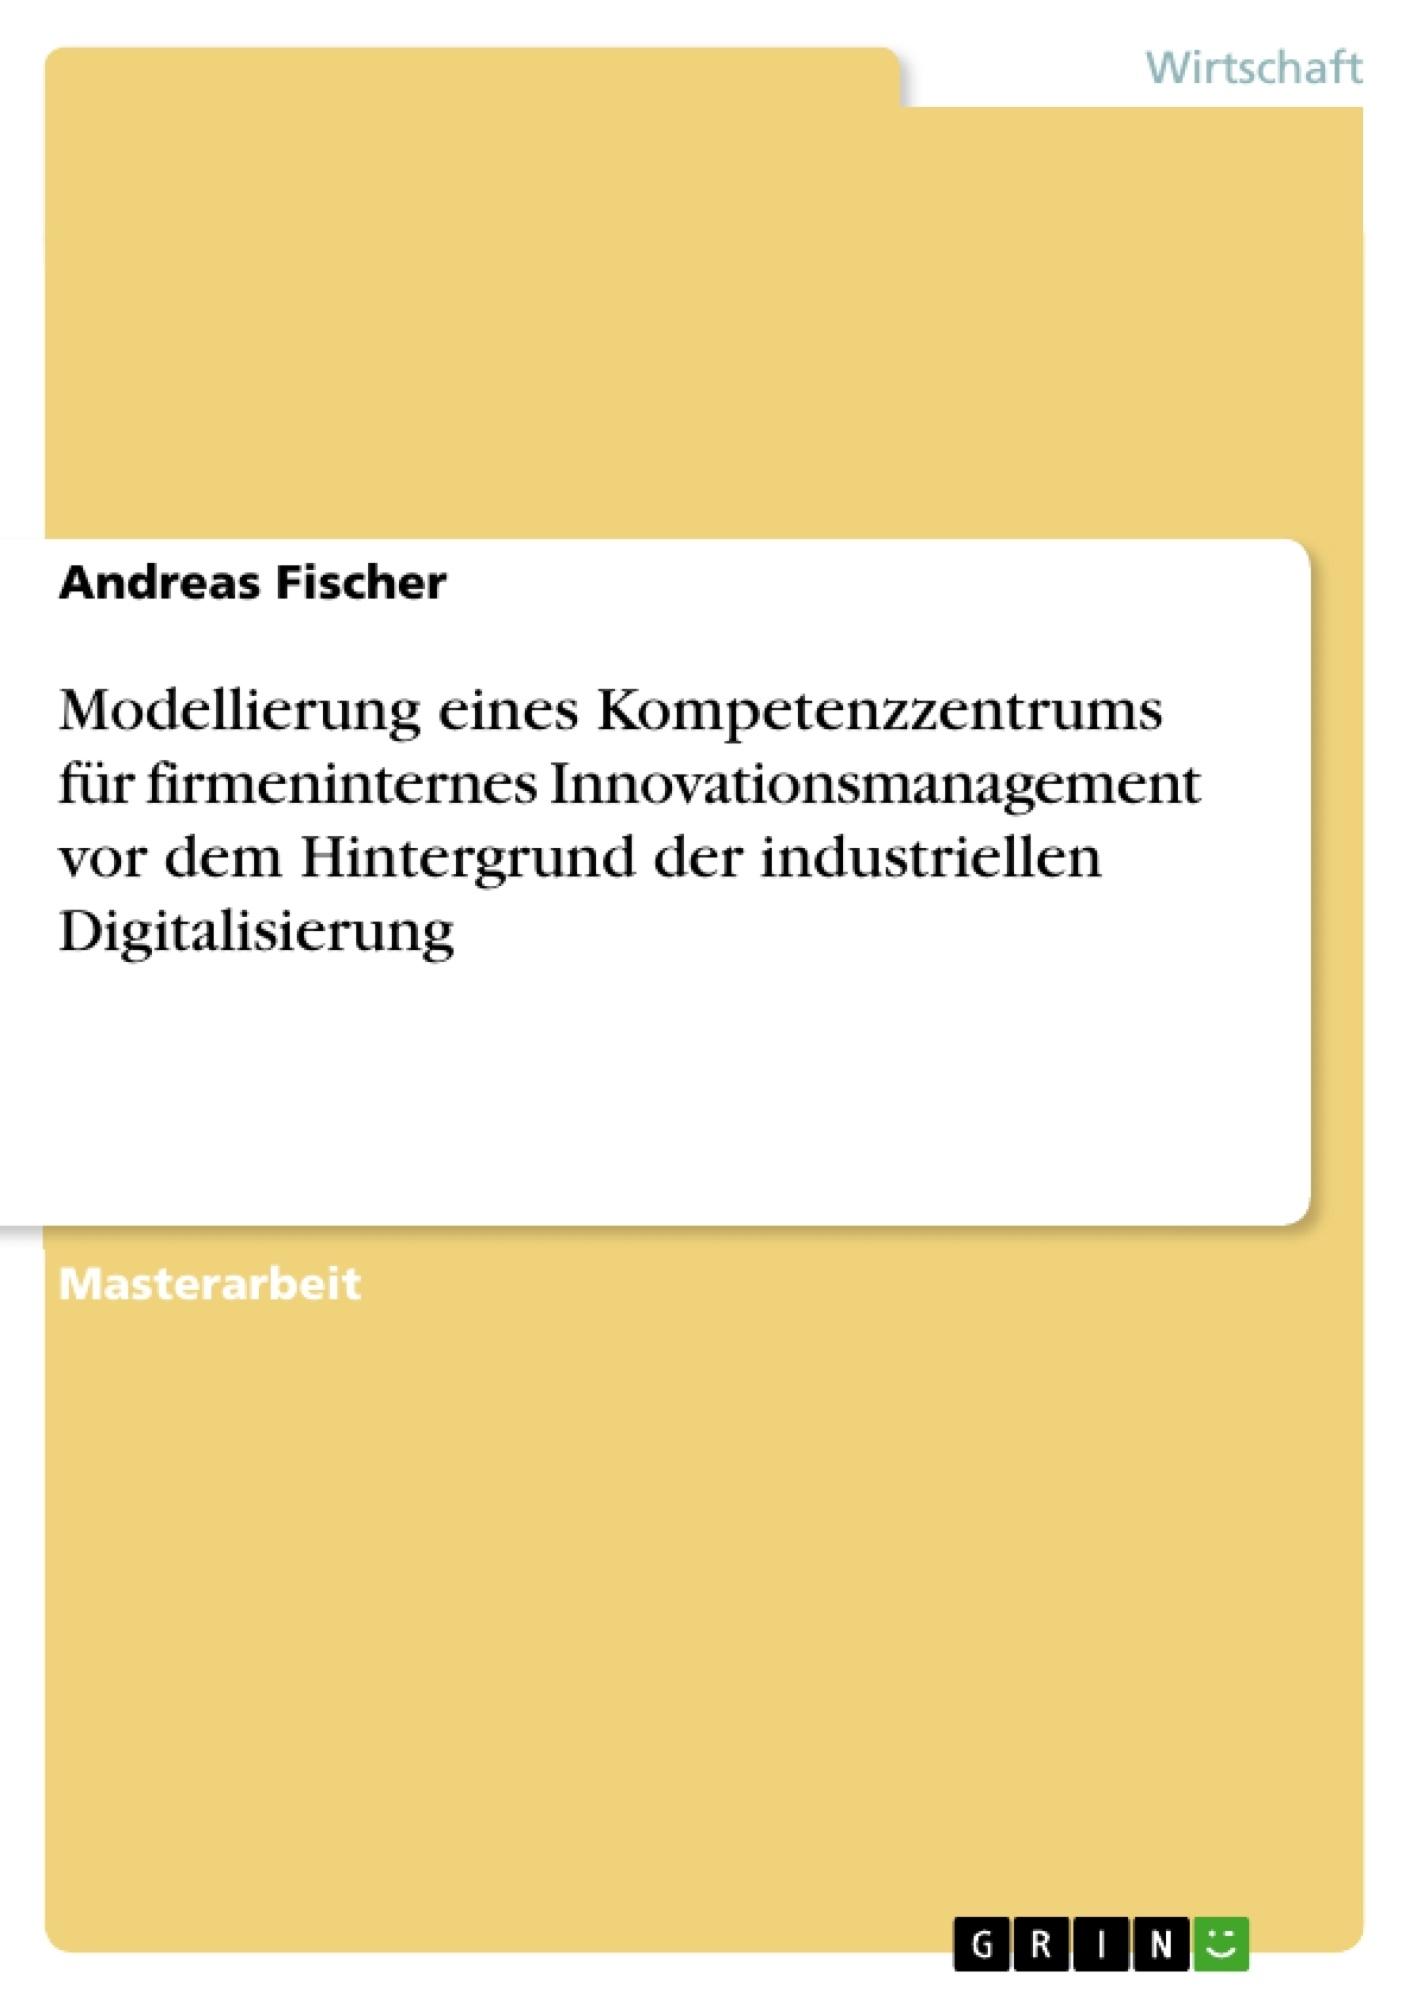 Titel: Modellierung eines Kompetenzzentrums für firmeninternes Innovationsmanagement vor dem Hintergrund der industriellen Digitalisierung